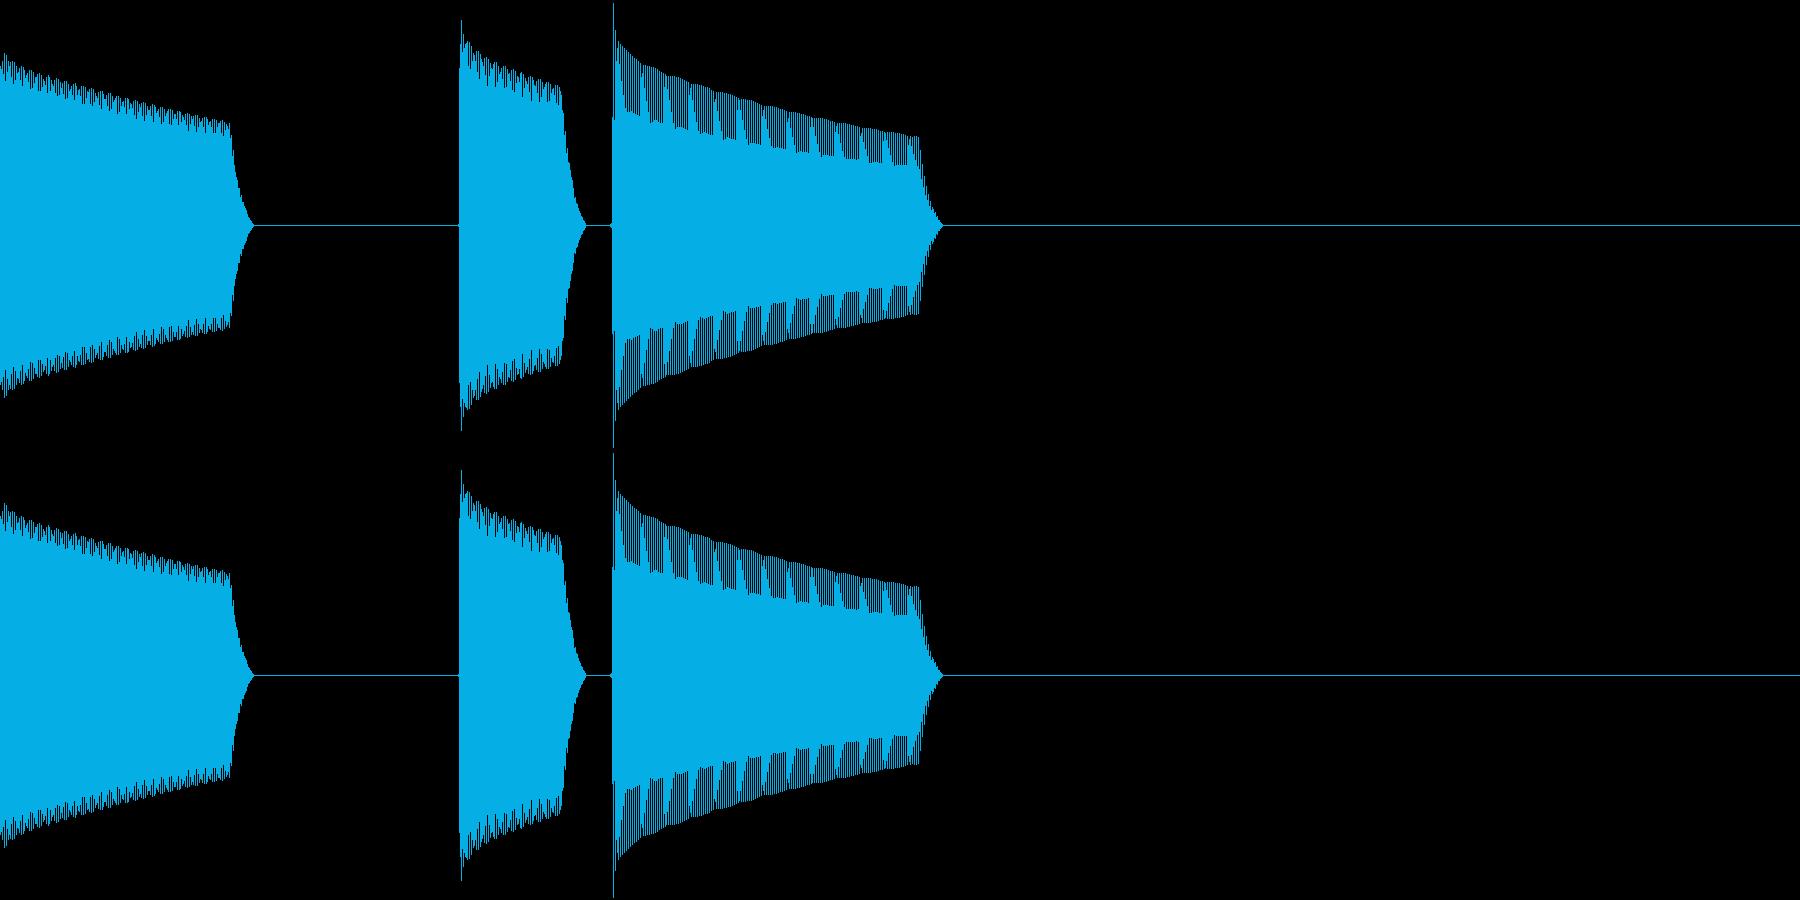 ATM 操作音 6の再生済みの波形